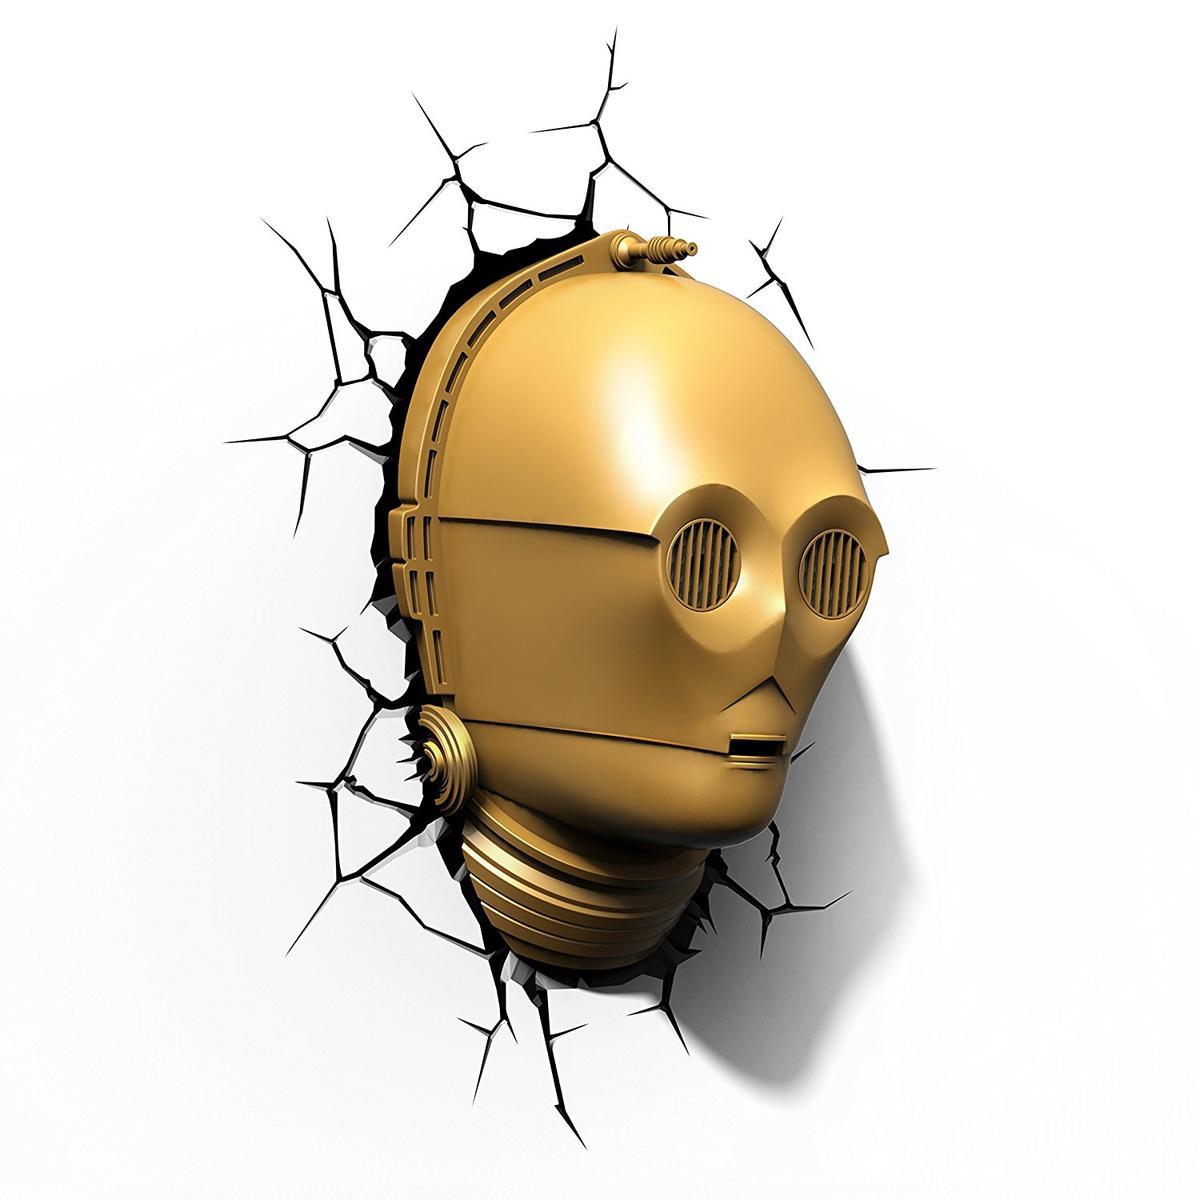 3D 立体 壁飾り ウォールデコ インテリア キャラクター グッズ スターウォーズ C-3PO ヘルメット ランプ 照明